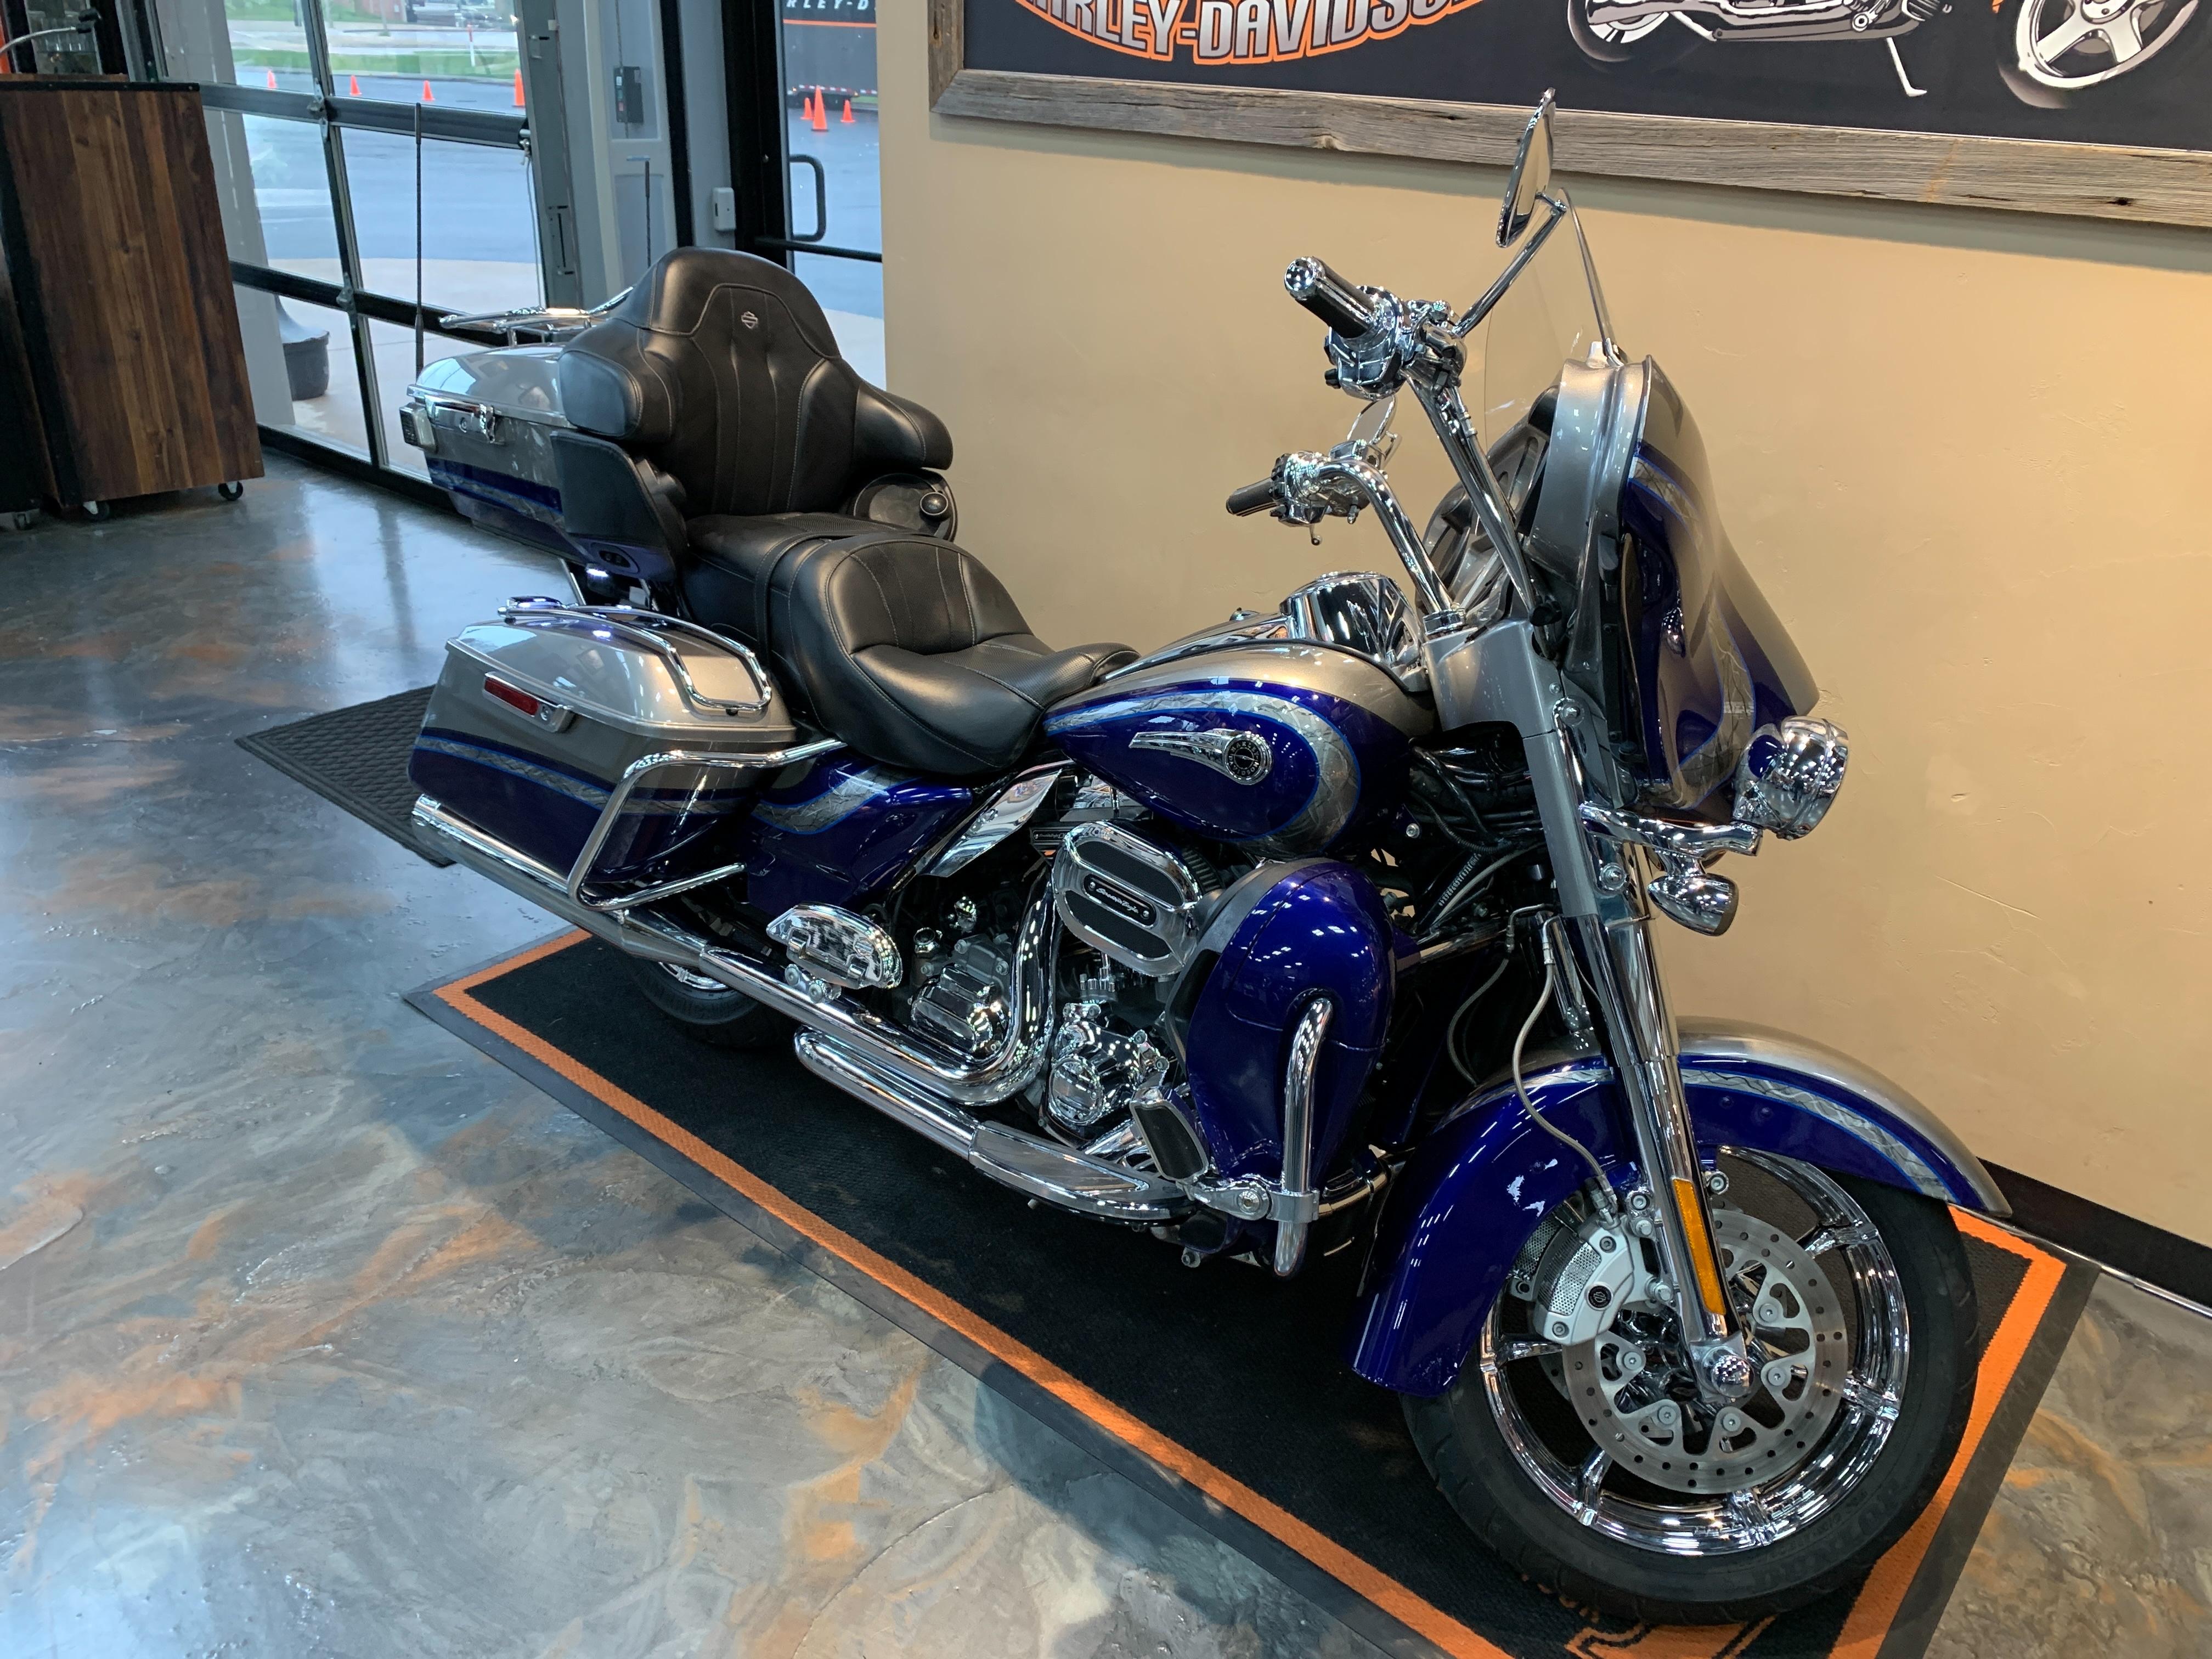 2016 Harley-Davidson Electra Glide CVO Limited at Vandervest Harley-Davidson, Green Bay, WI 54303